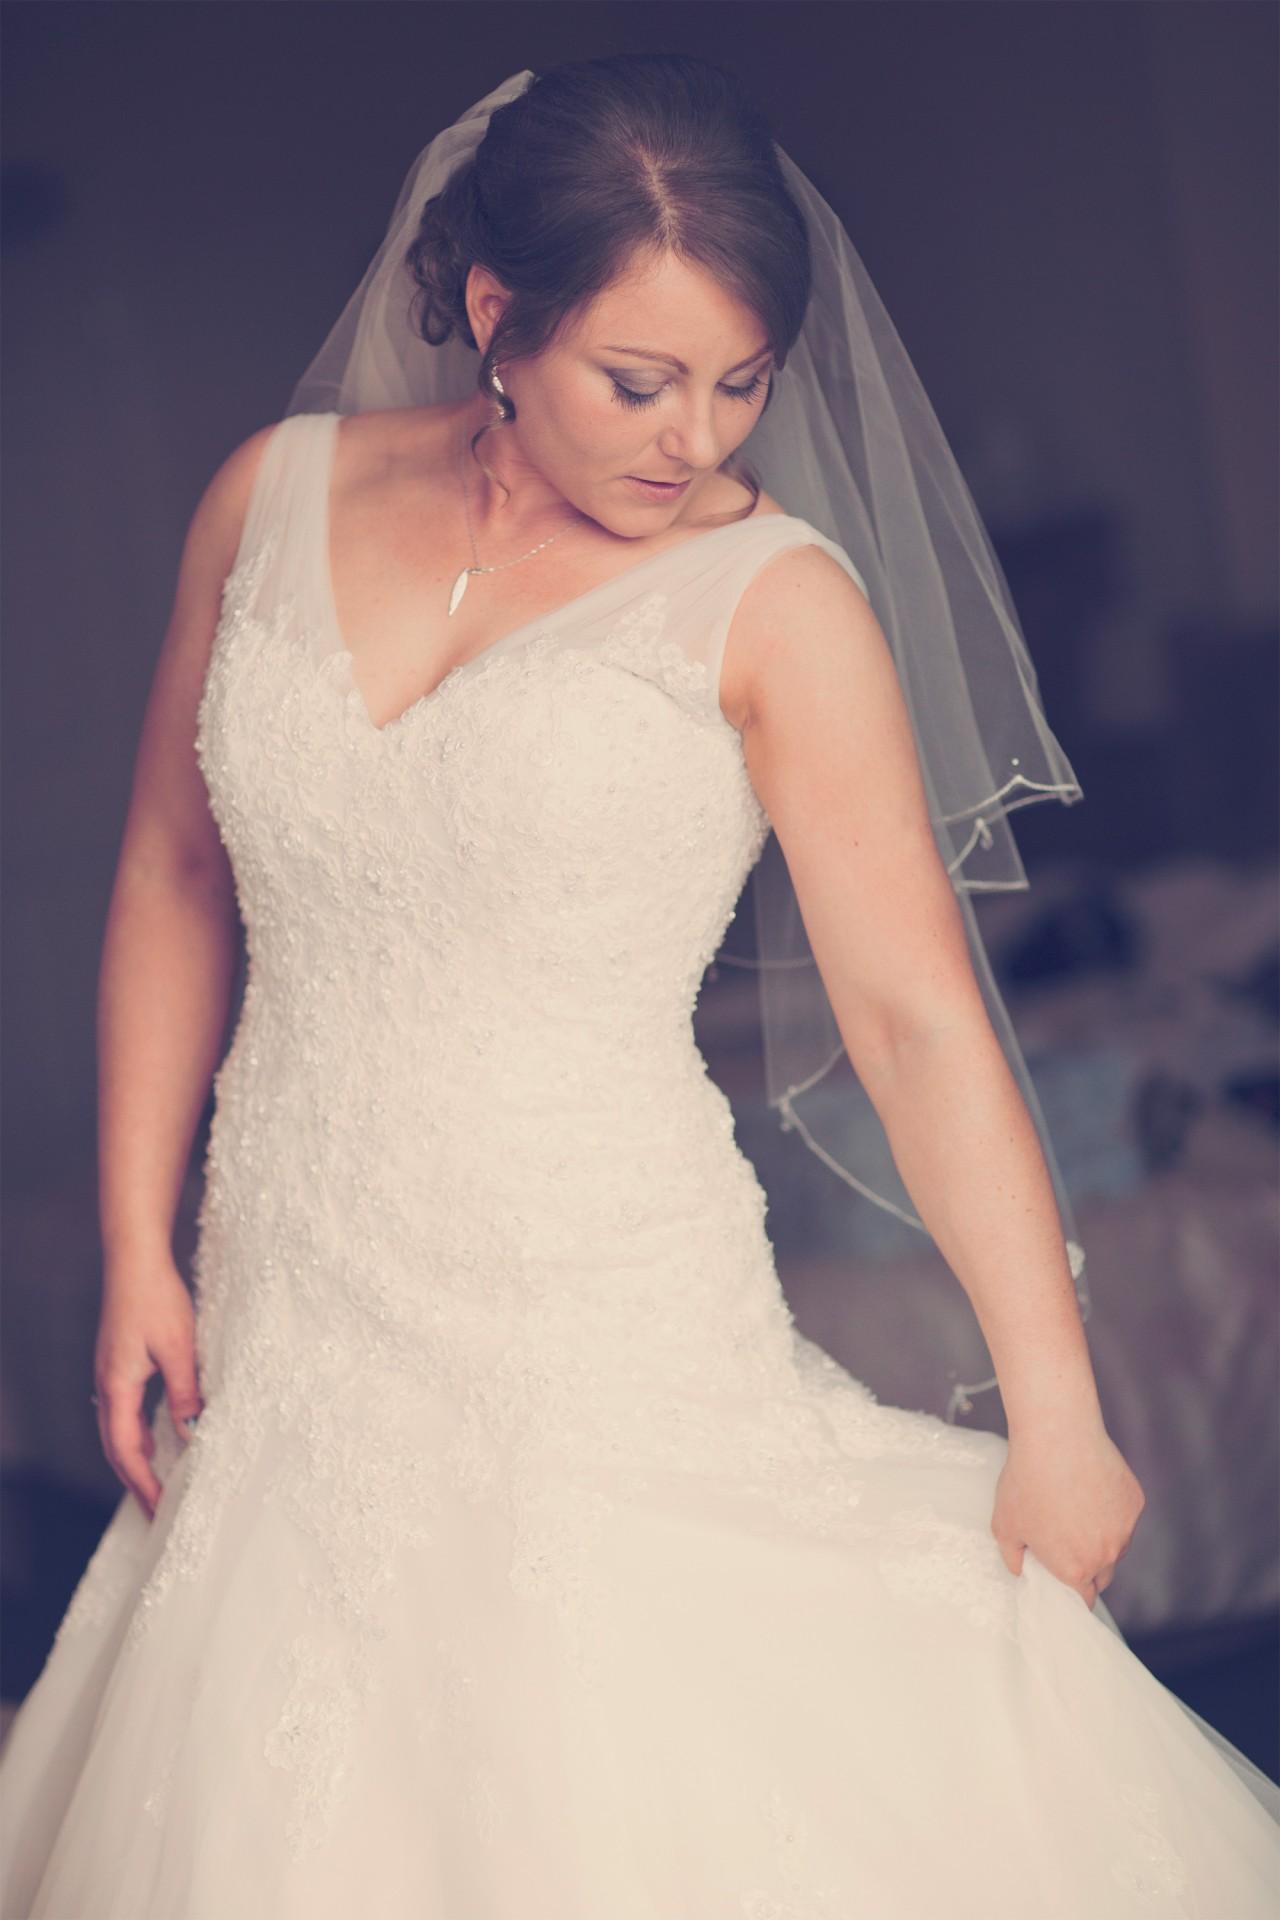 Natalie_Aimee_Country-Garden-Wedding_SBS_003